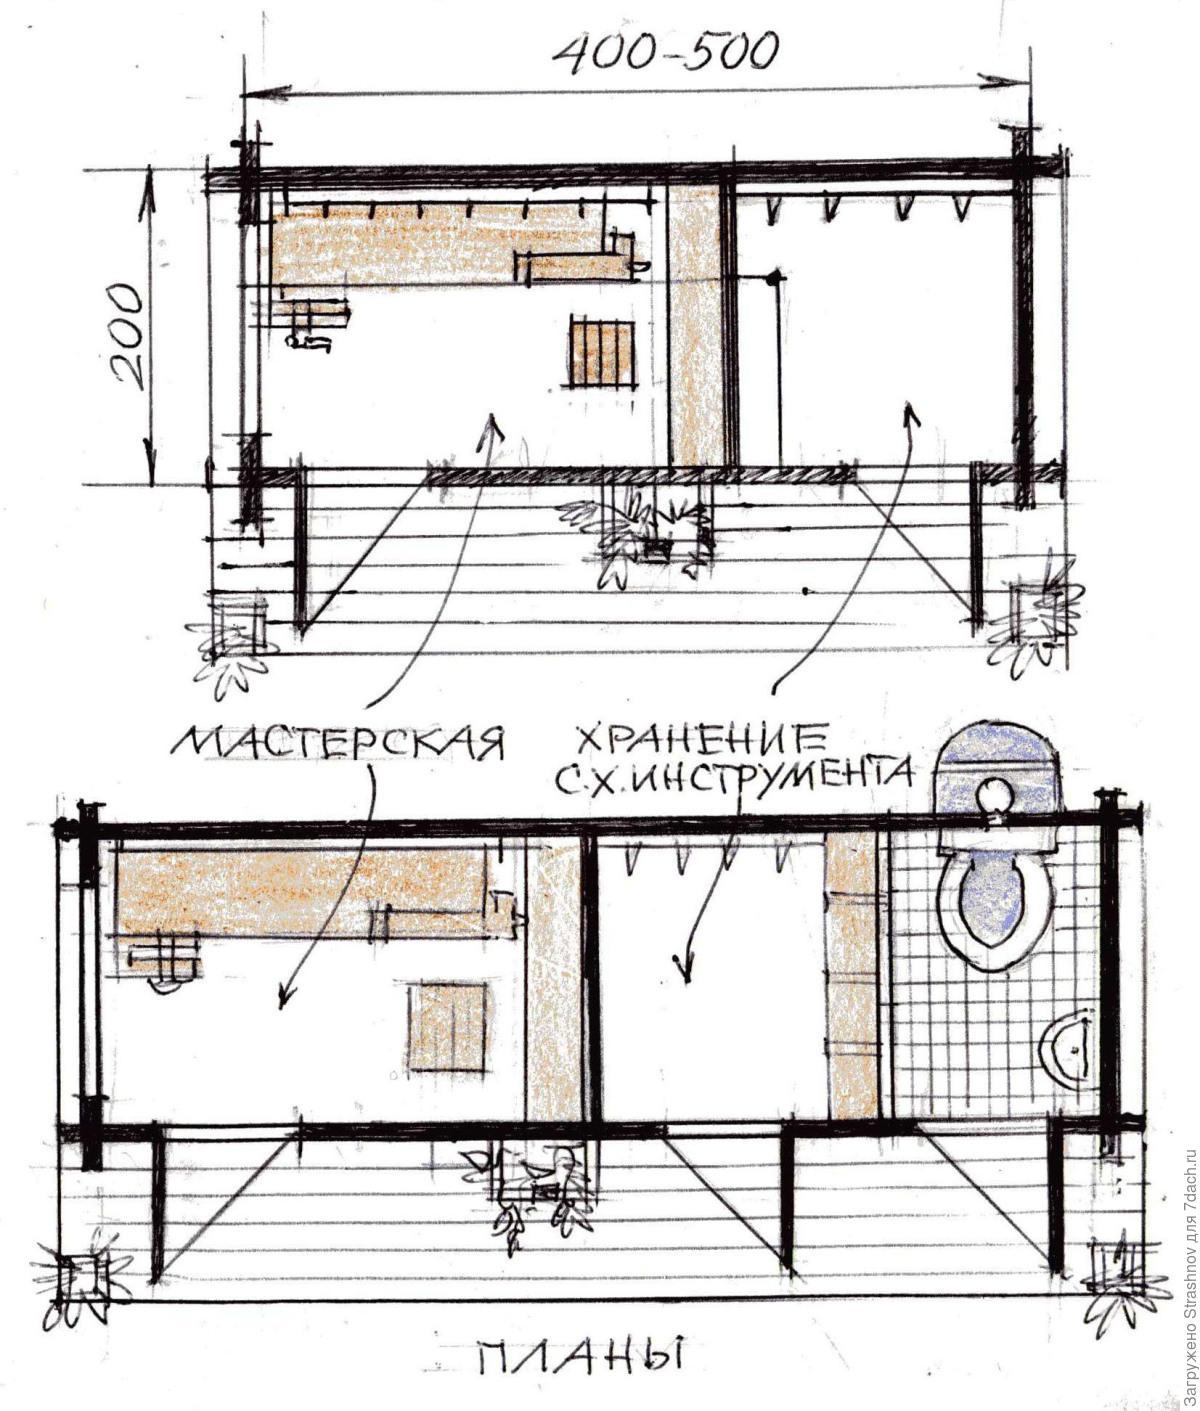 Сарай своими руками: чертежи, список стройматериалов, проекты 67